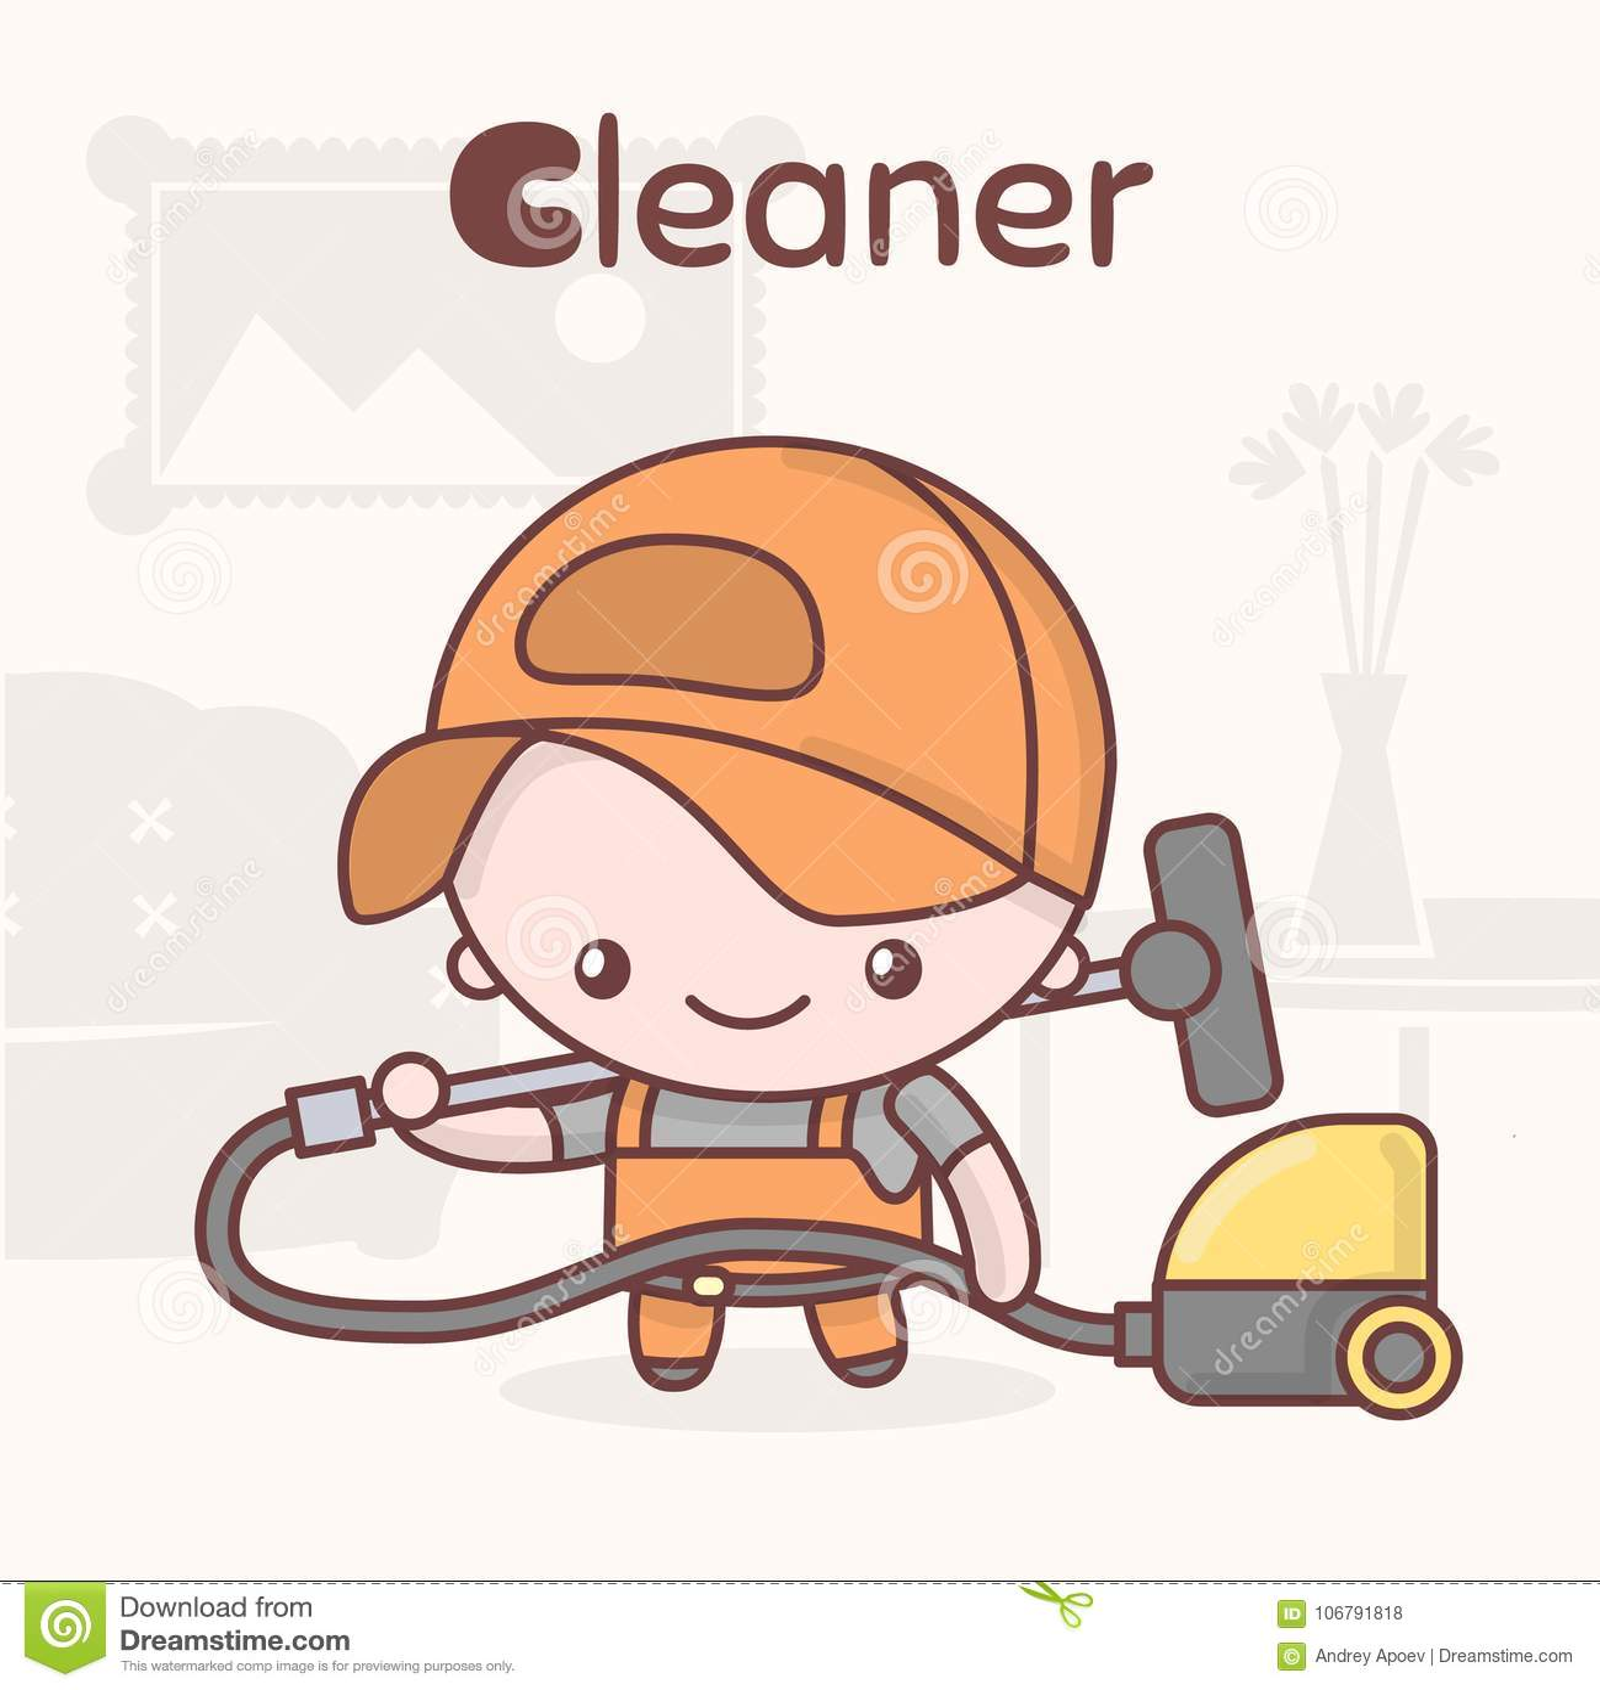 Śliczni chibi kawaii charaktery Abecadło zawody List C - Cleaner